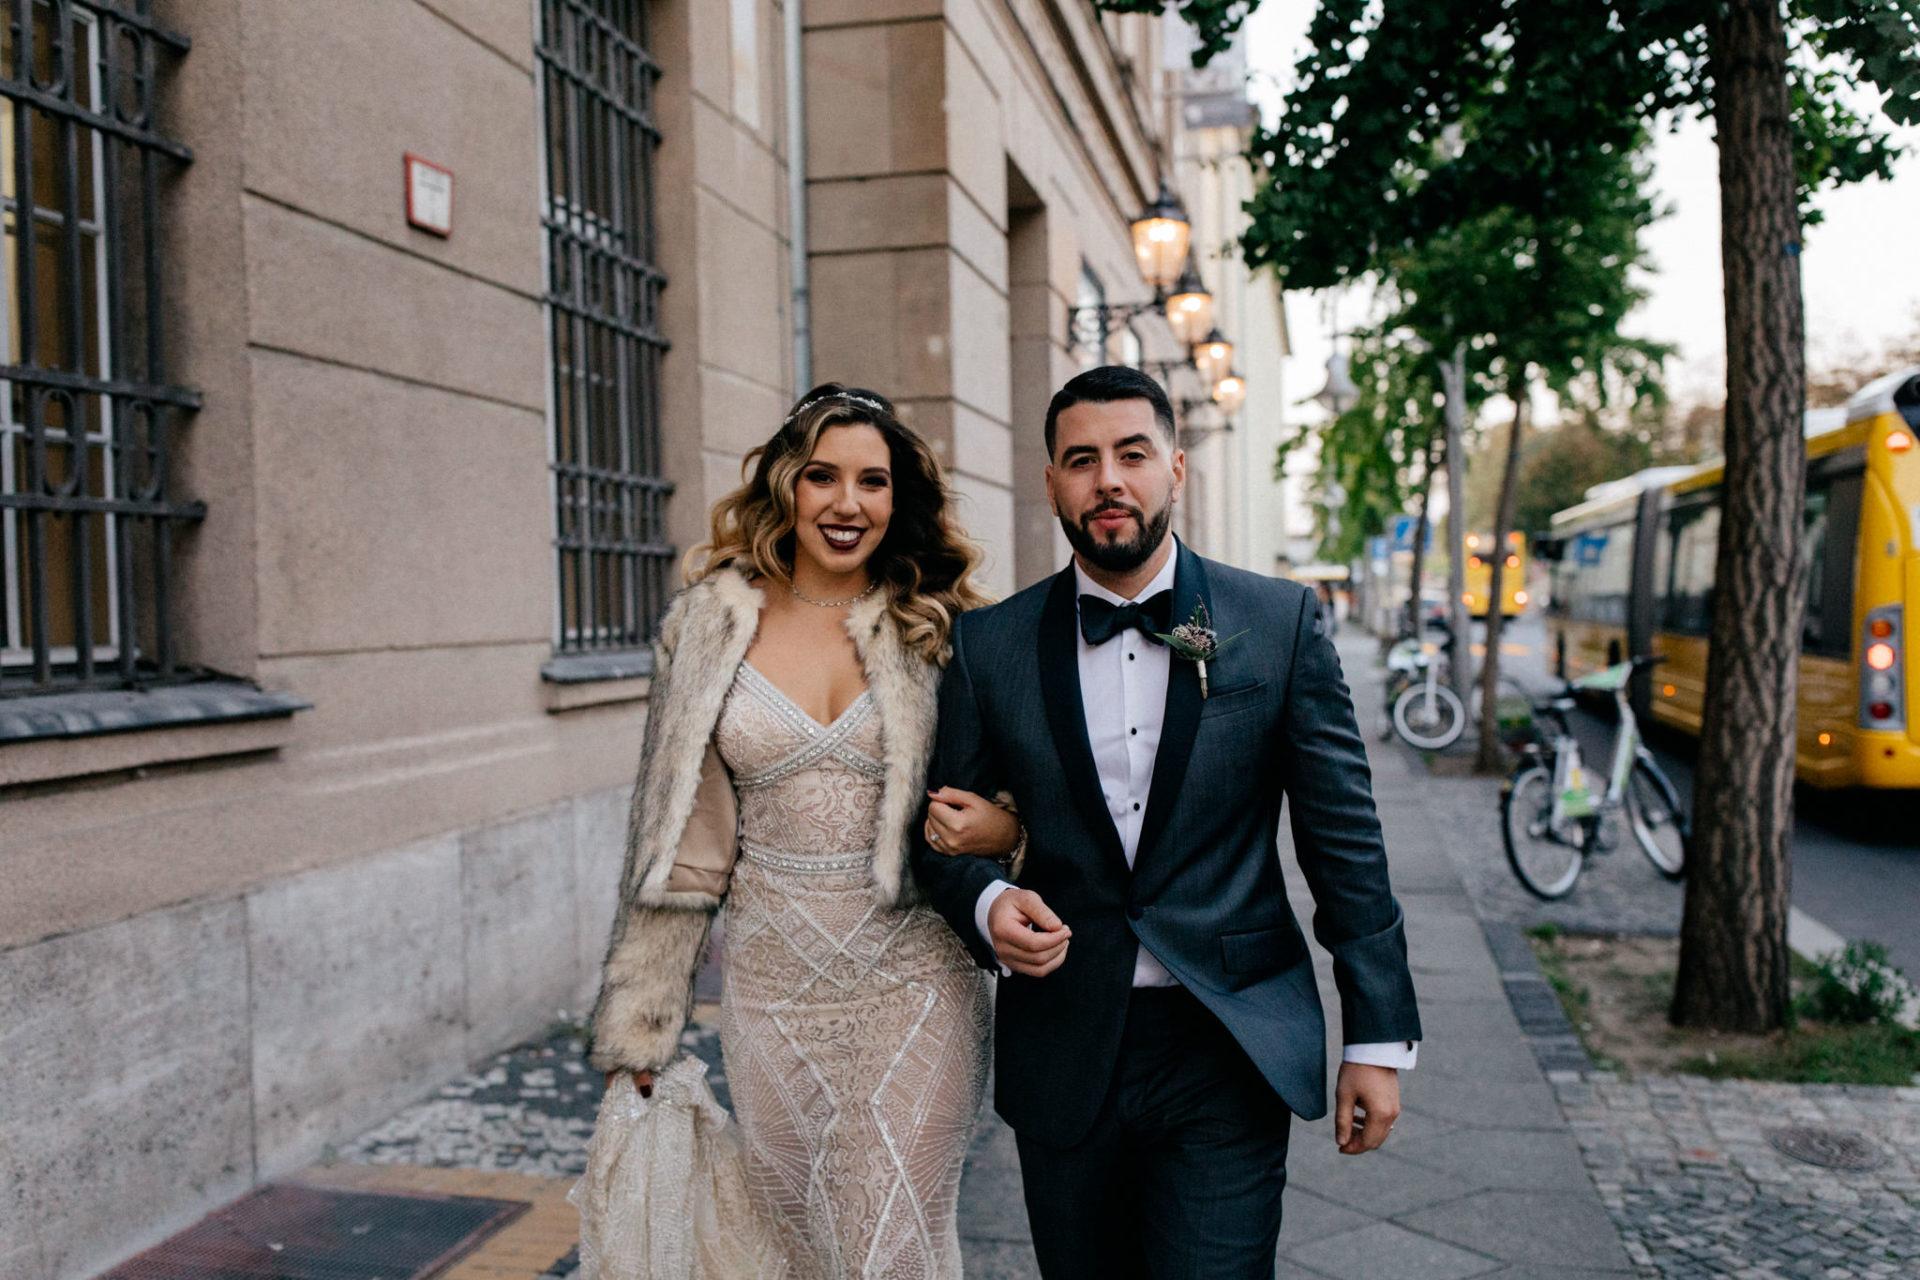 dokumentarische Hochzeitsfotografie-hochzeitsfotograf hotel am steinplatt berlin-ungestellte Portraits-glamuroese Hochzeit-dresscode-elegante braut-kubanische Hochzeit-kopflegenden blumen